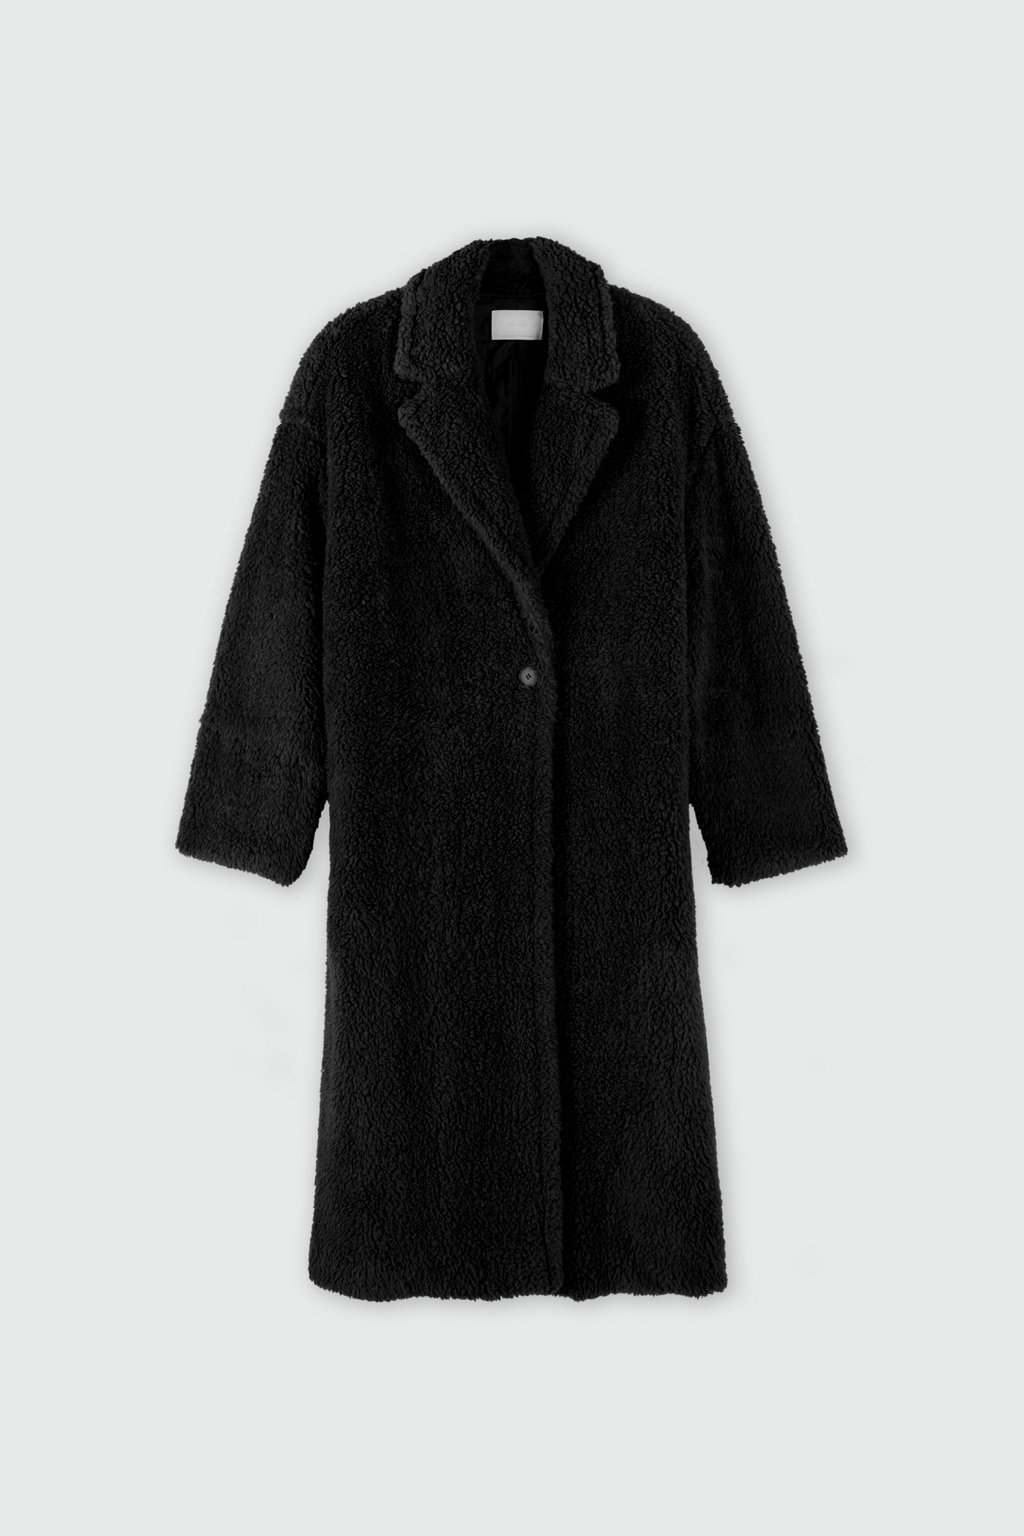 Coat 2694 Black 11